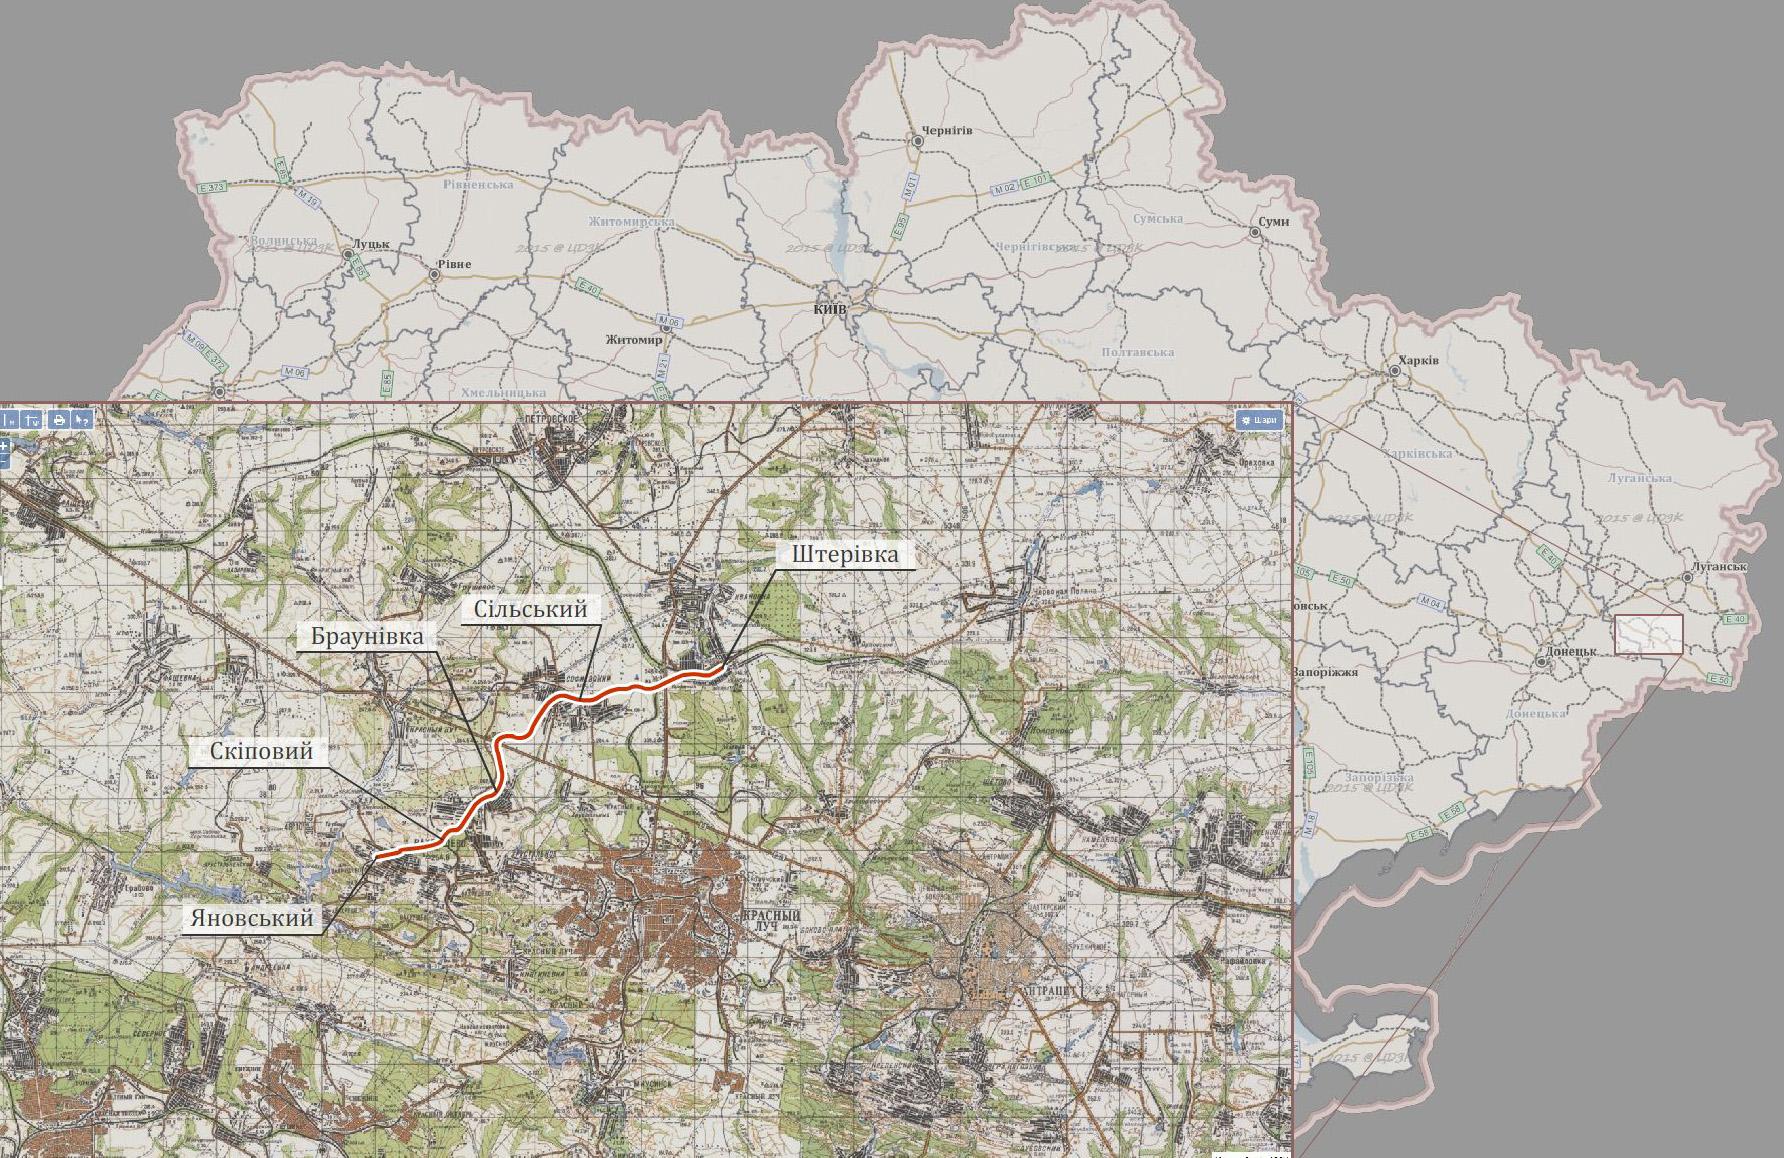 Схема лінії Штерівка - Яновський. Луганська область